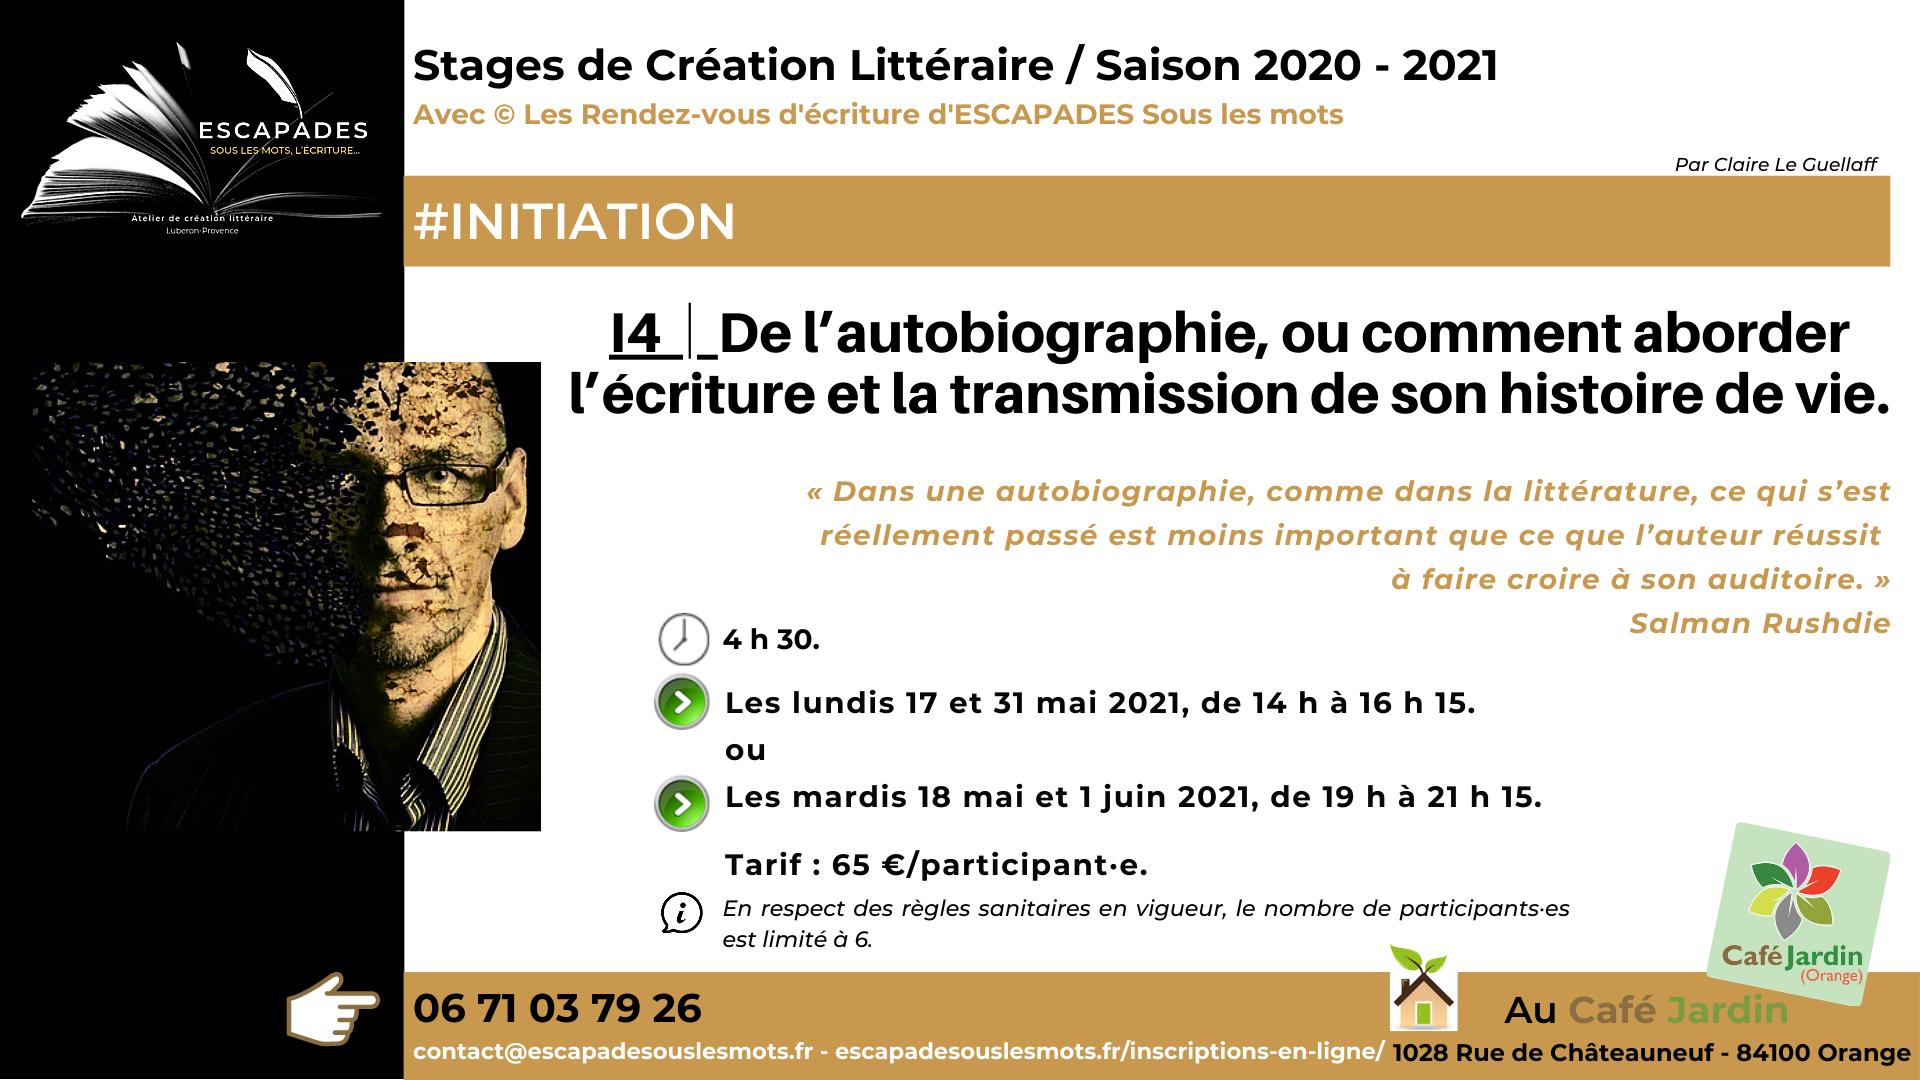 #INITIATION Autobiographie/ ESCAPADES Sous les mots - Prog Saison 2020-2021Café jardin